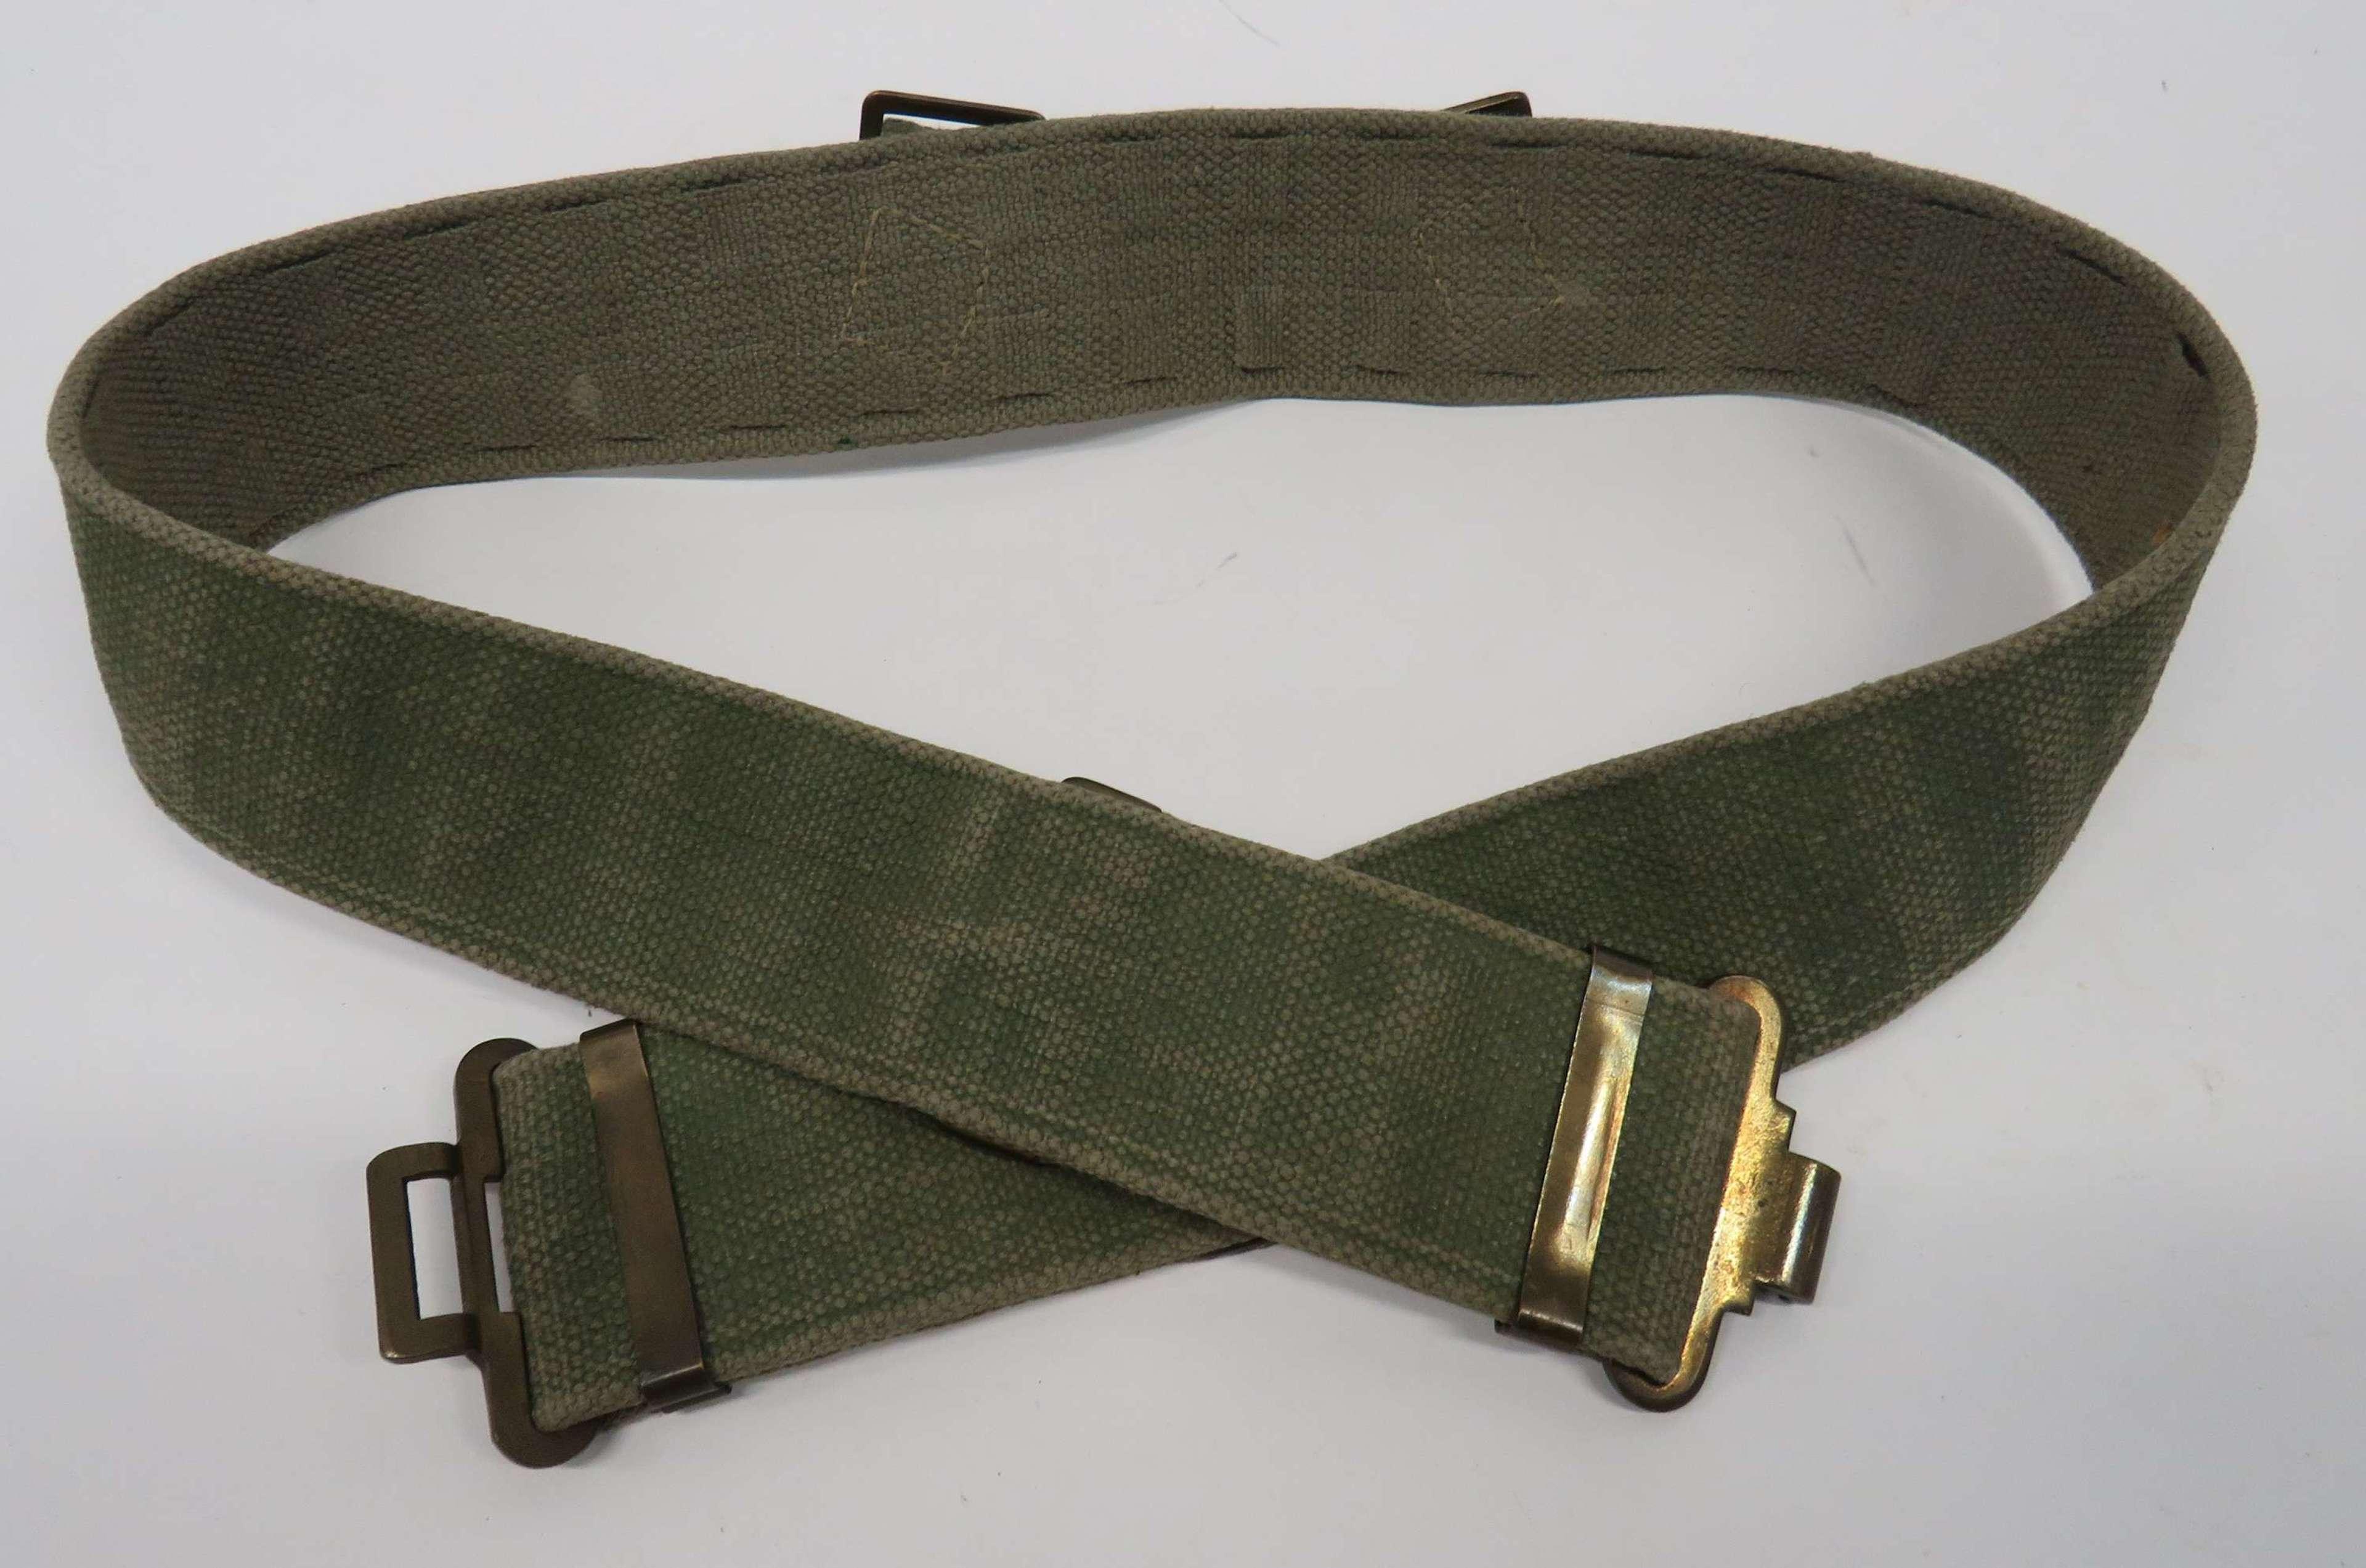 WW2 1937 Pattern Issued Belt